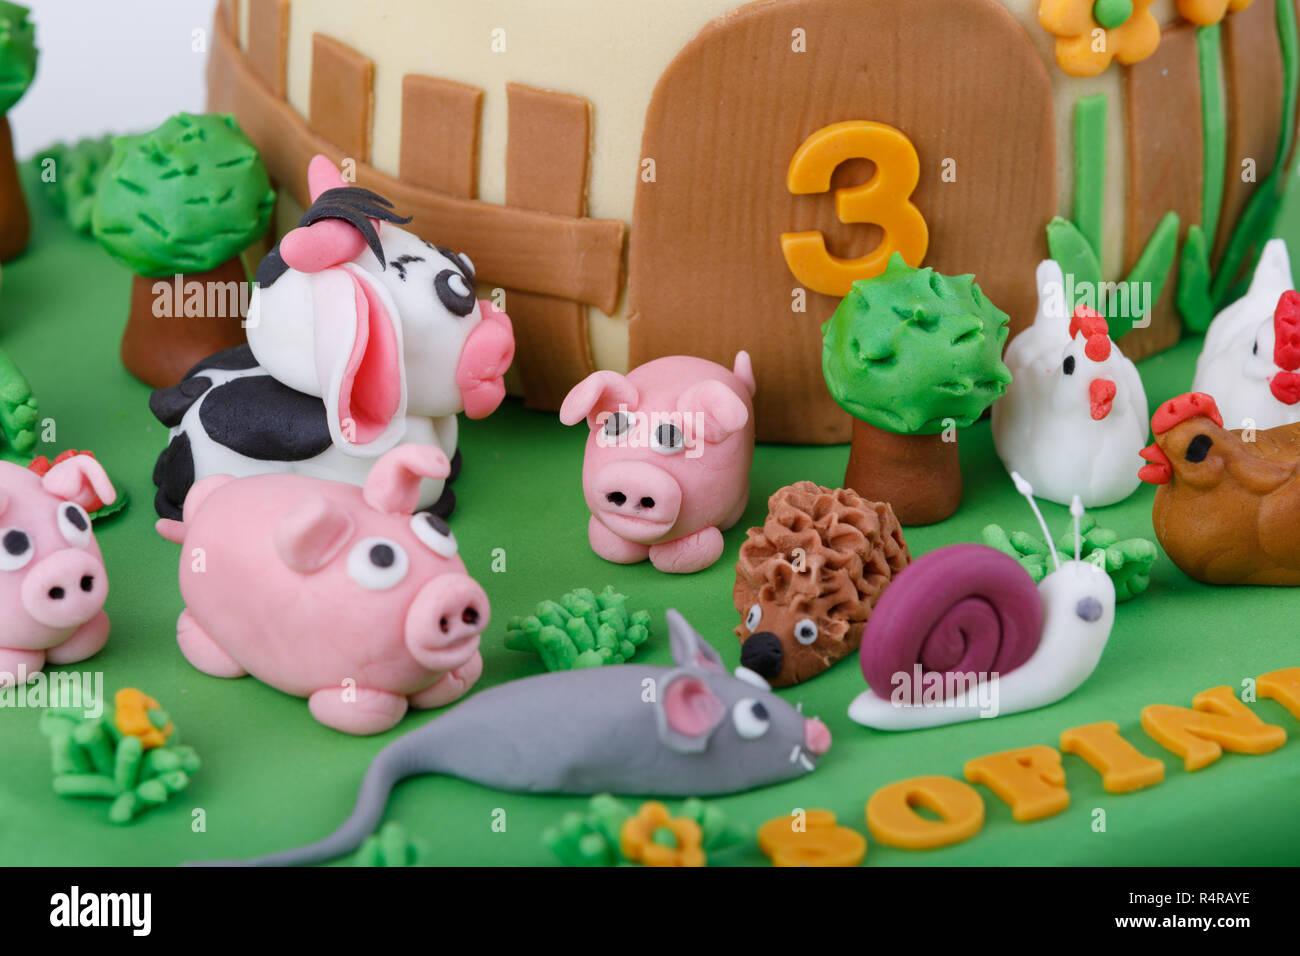 Wondrous Birthday Cake With Farm Marzipan Animals Stock Photo 226706914 Funny Birthday Cards Online Unhofree Goldxyz